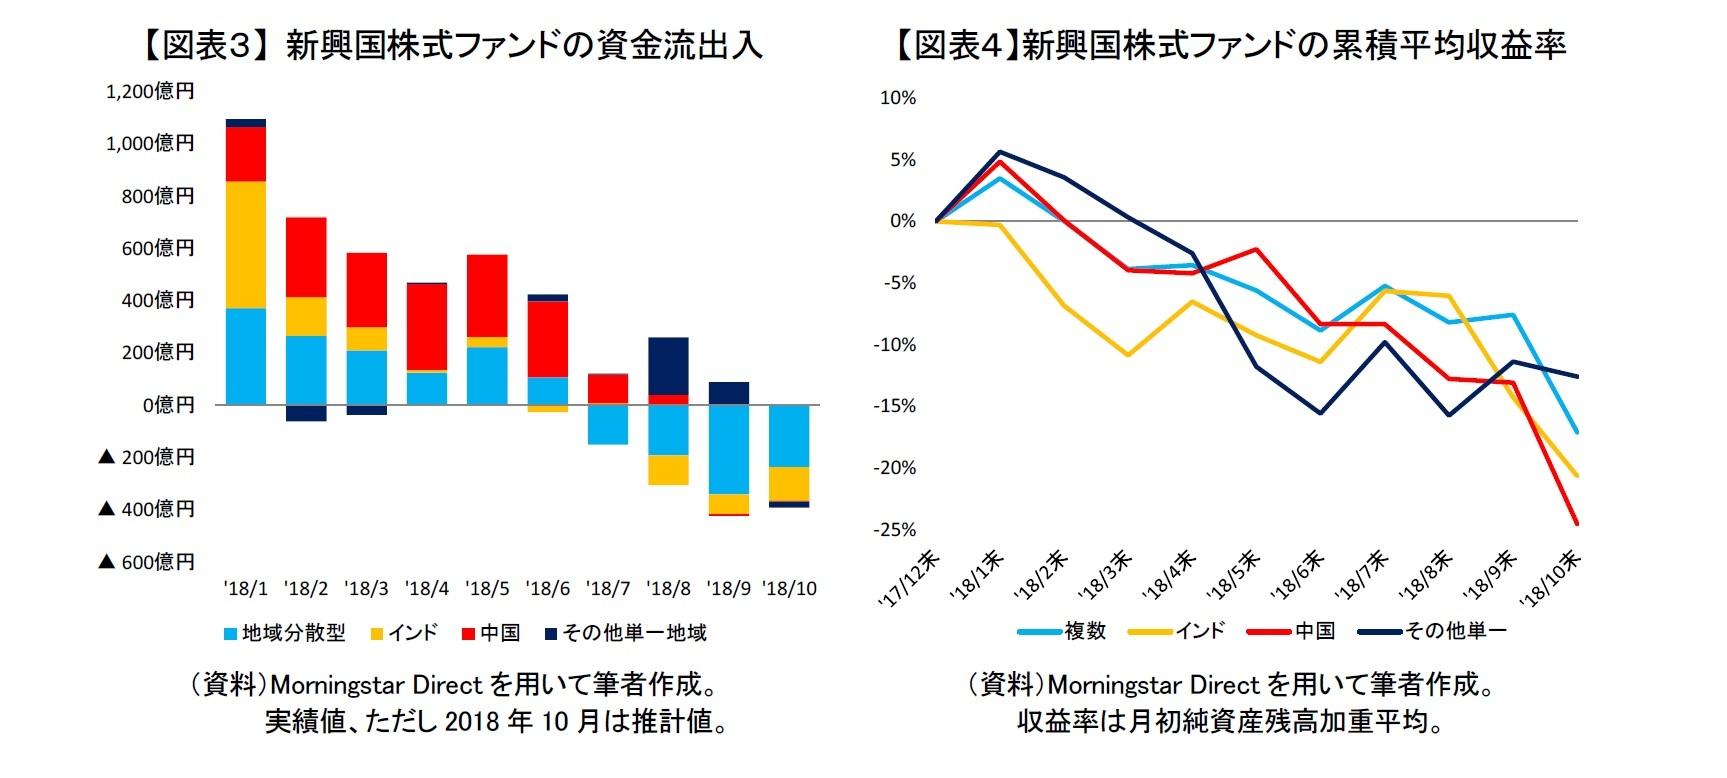 【図表3】 新興国株式ファンドの資金流出入/【図表4】新興国株式ファンドの累積平均収益率